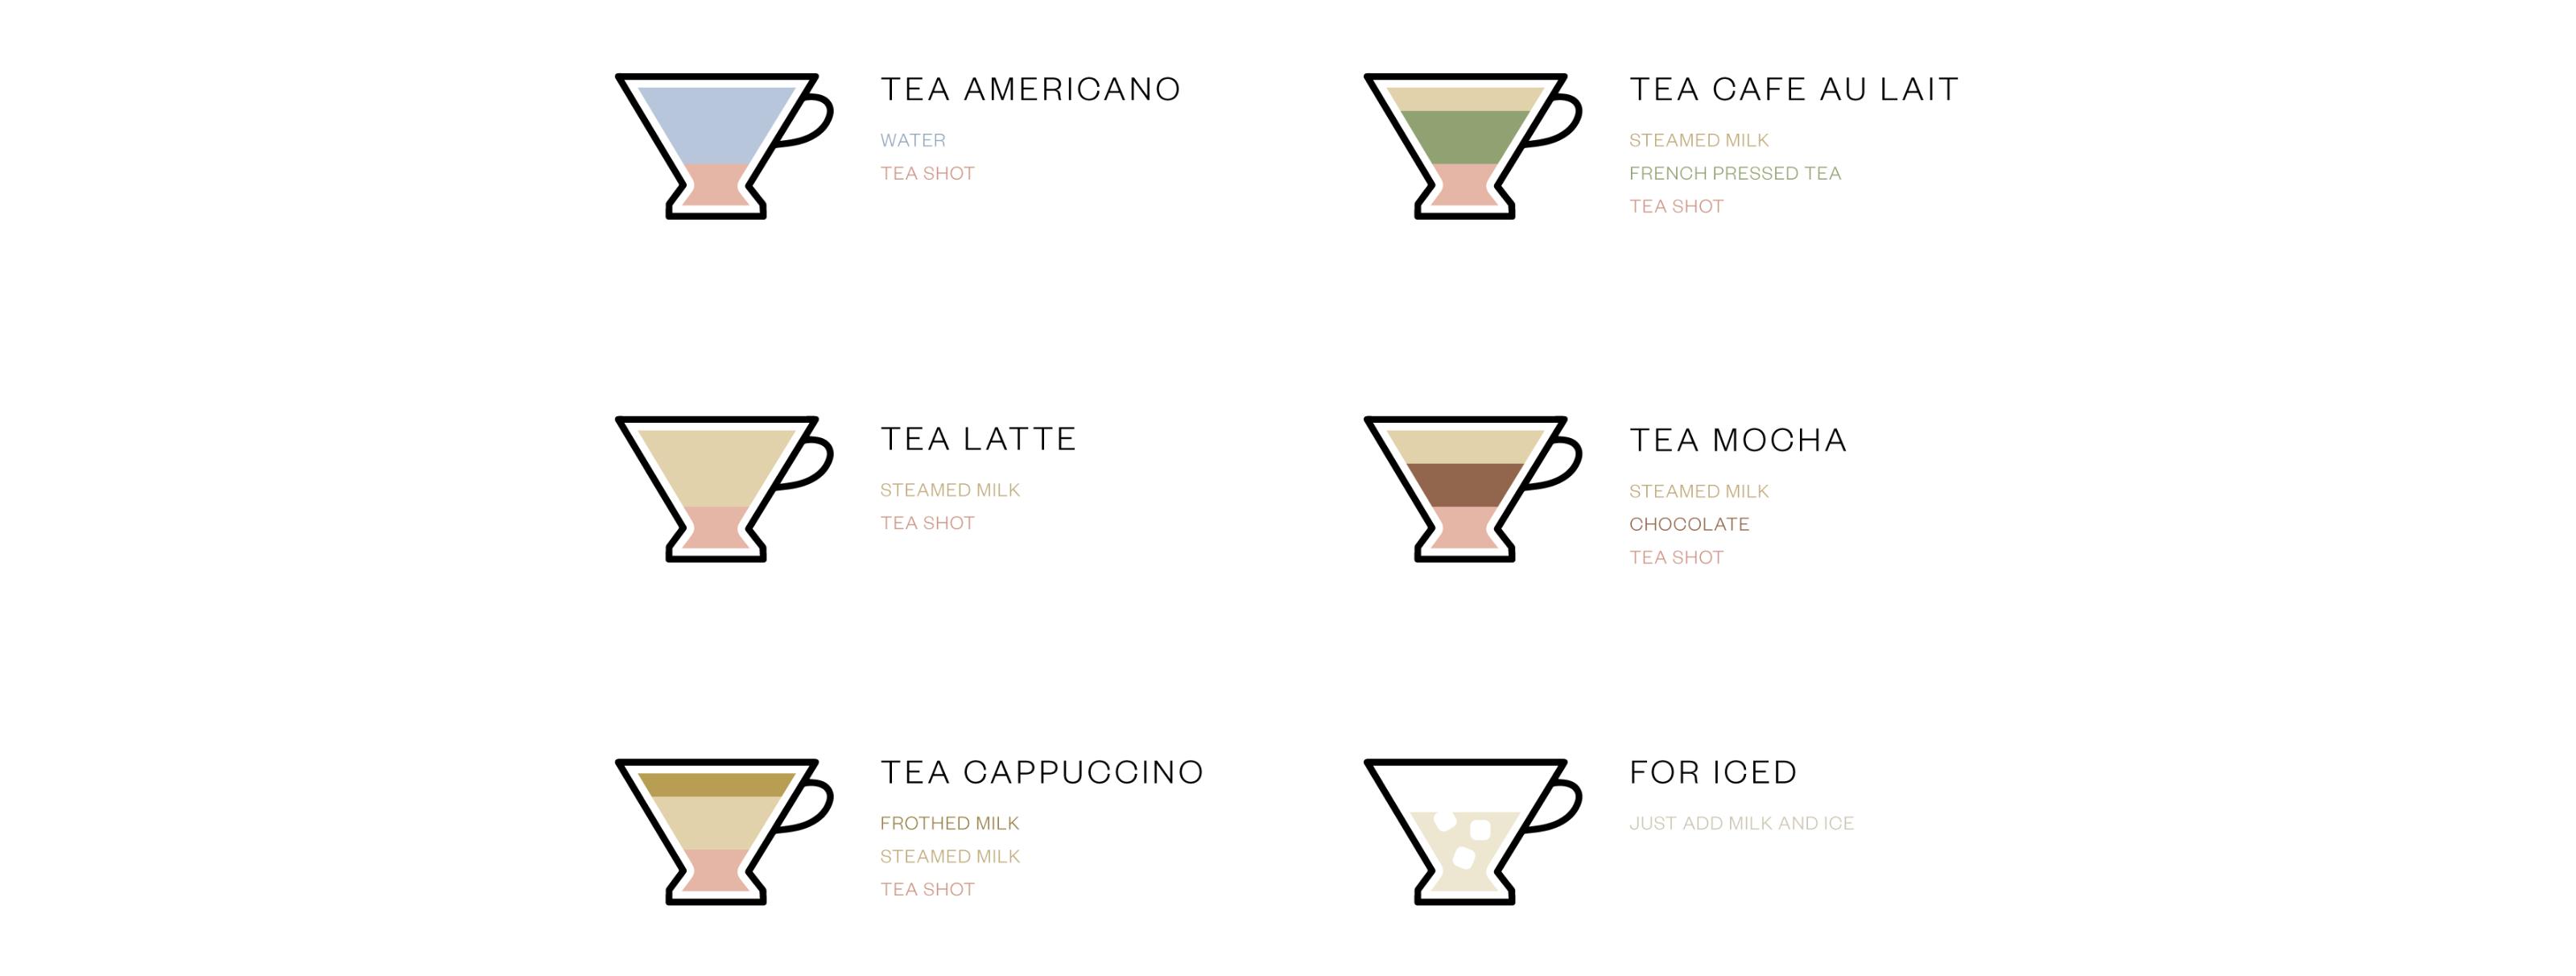 Teaspressa Tea Types